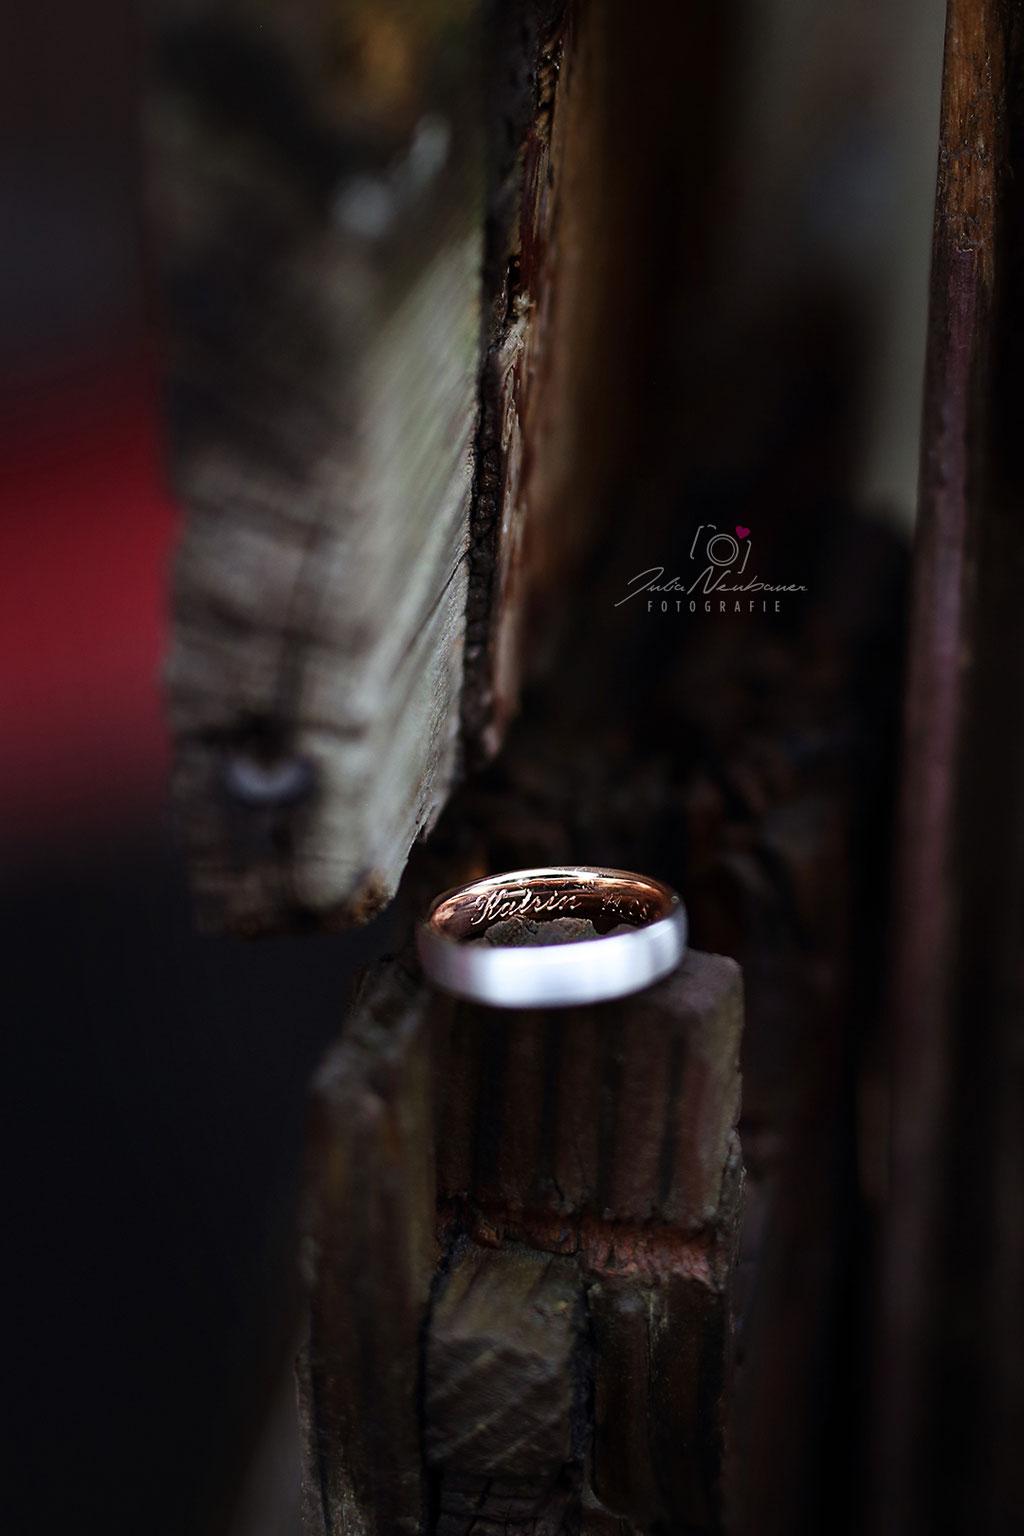 Hochzeit_Hochzeitsfotos_Cranger Kirmes_Herne_Bootshaus_Fotografin Julia Neubauer